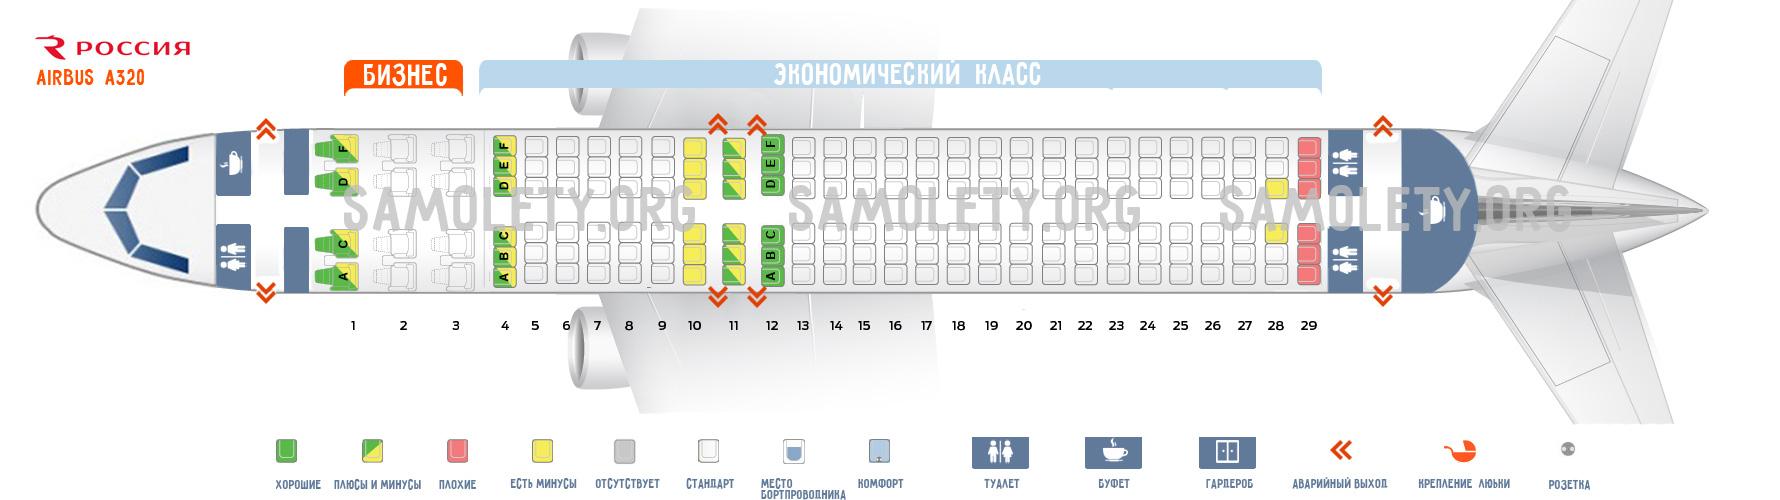 Аэробус a320 схема салона лучшие места   аэробус а320 уральские.